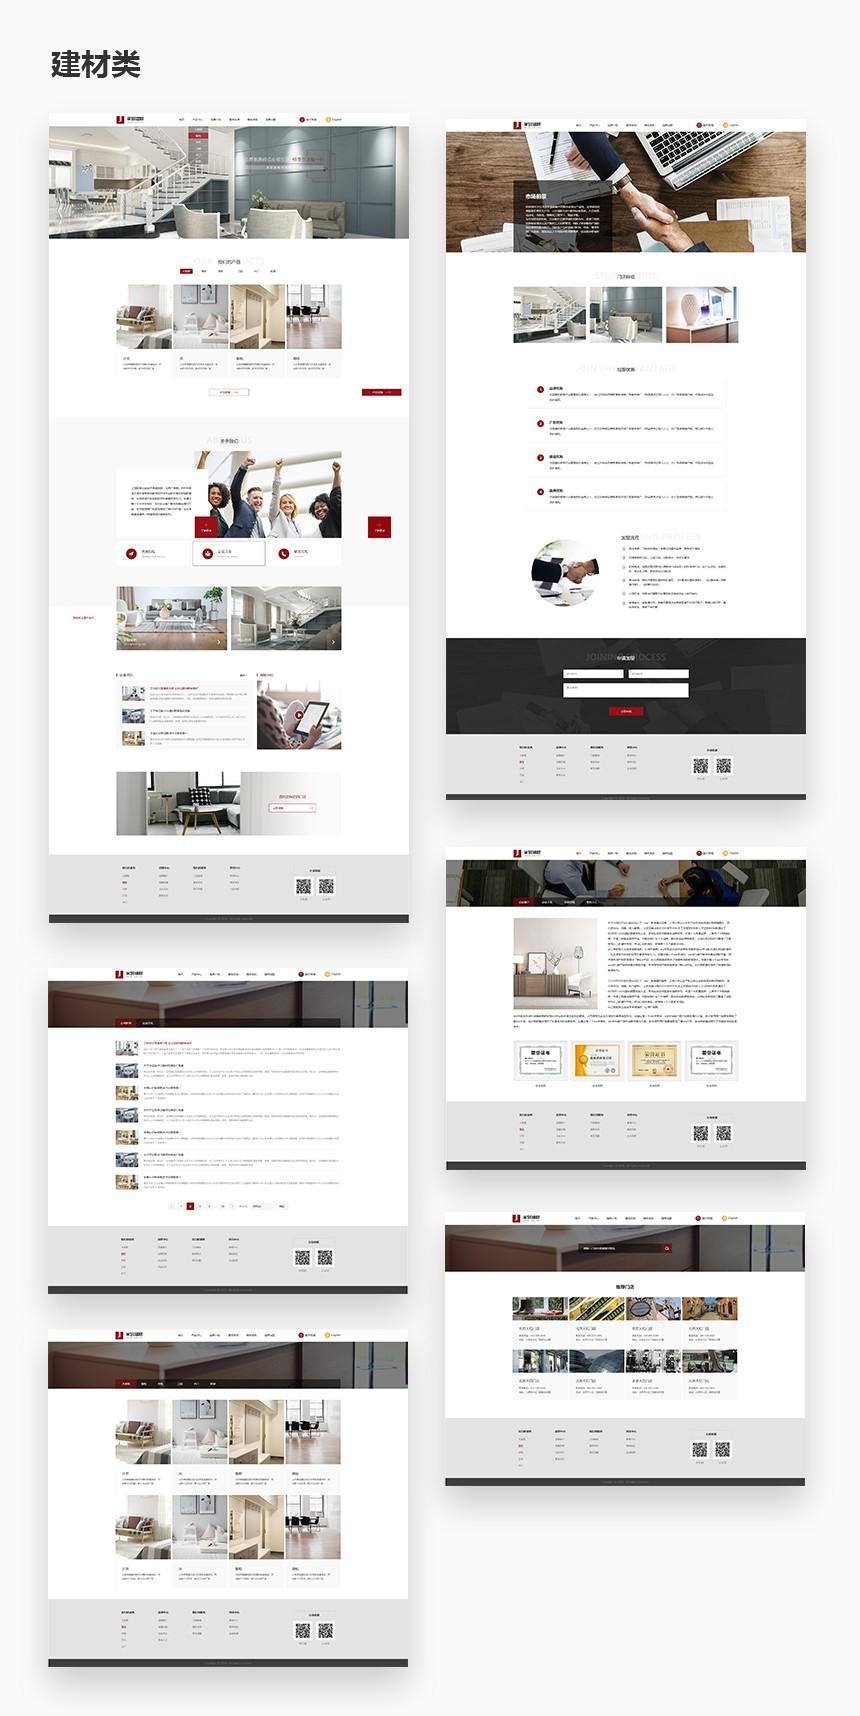 家居建材网站模板样式-自由换色